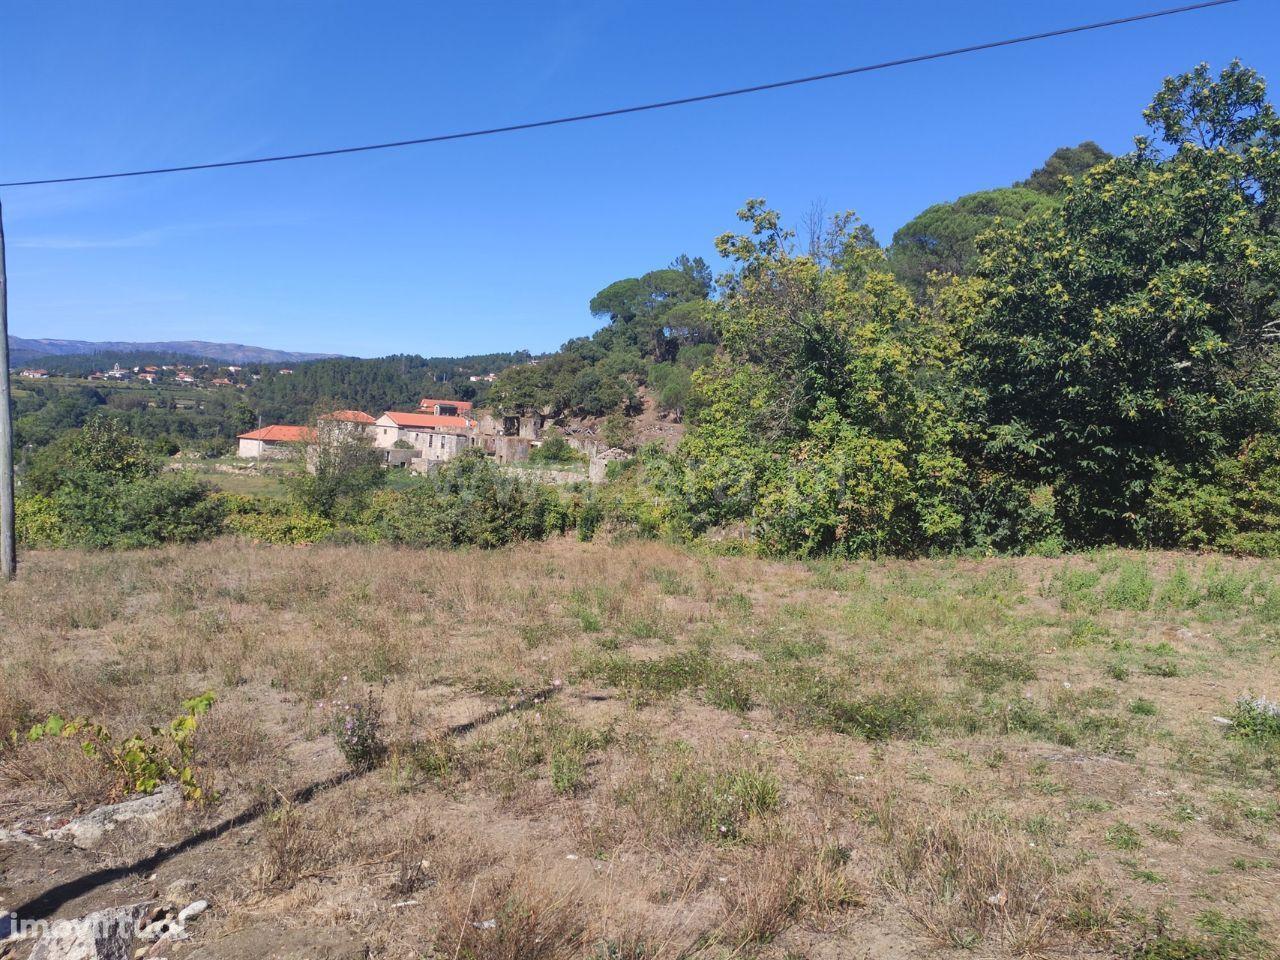 Terreno de 1.500 m2 c/ ruína para construção em Atei (Mondim de Basto)